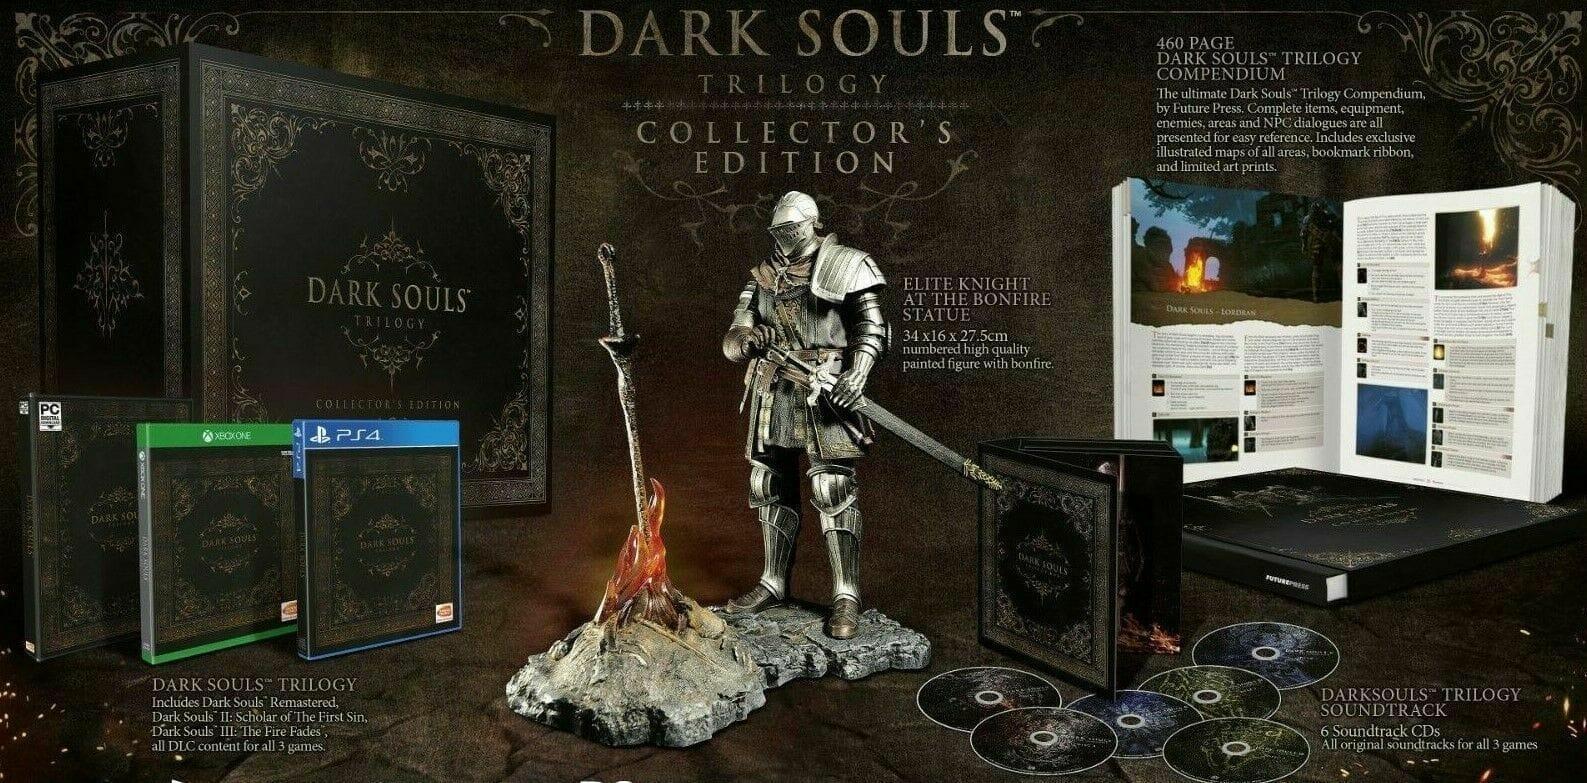 [Эксперимент] Обзор коллекции Dark Souls. - Изображение 1